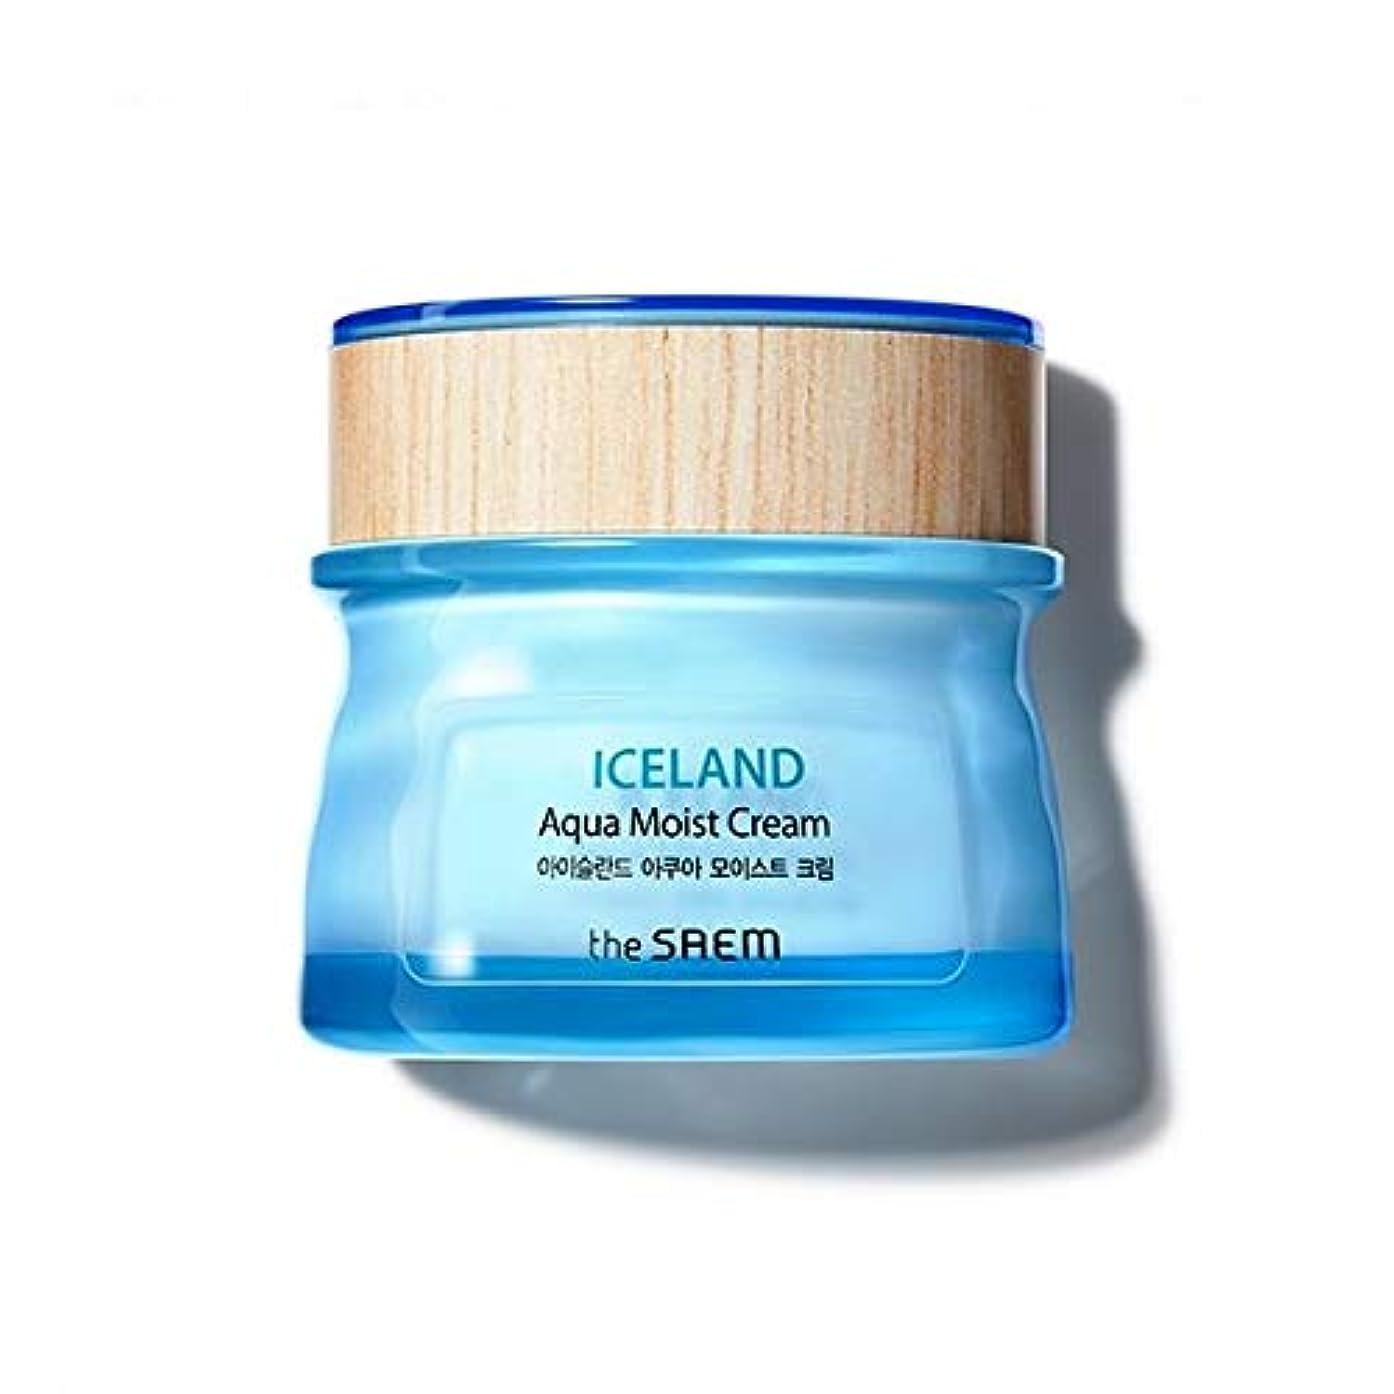 解凍する、雪解け、霜解けヘルメット排気The saem Iceland Apua Moist Cream ザセム アイスランド アクア モイスト クリーム 60ml [並行輸入品]